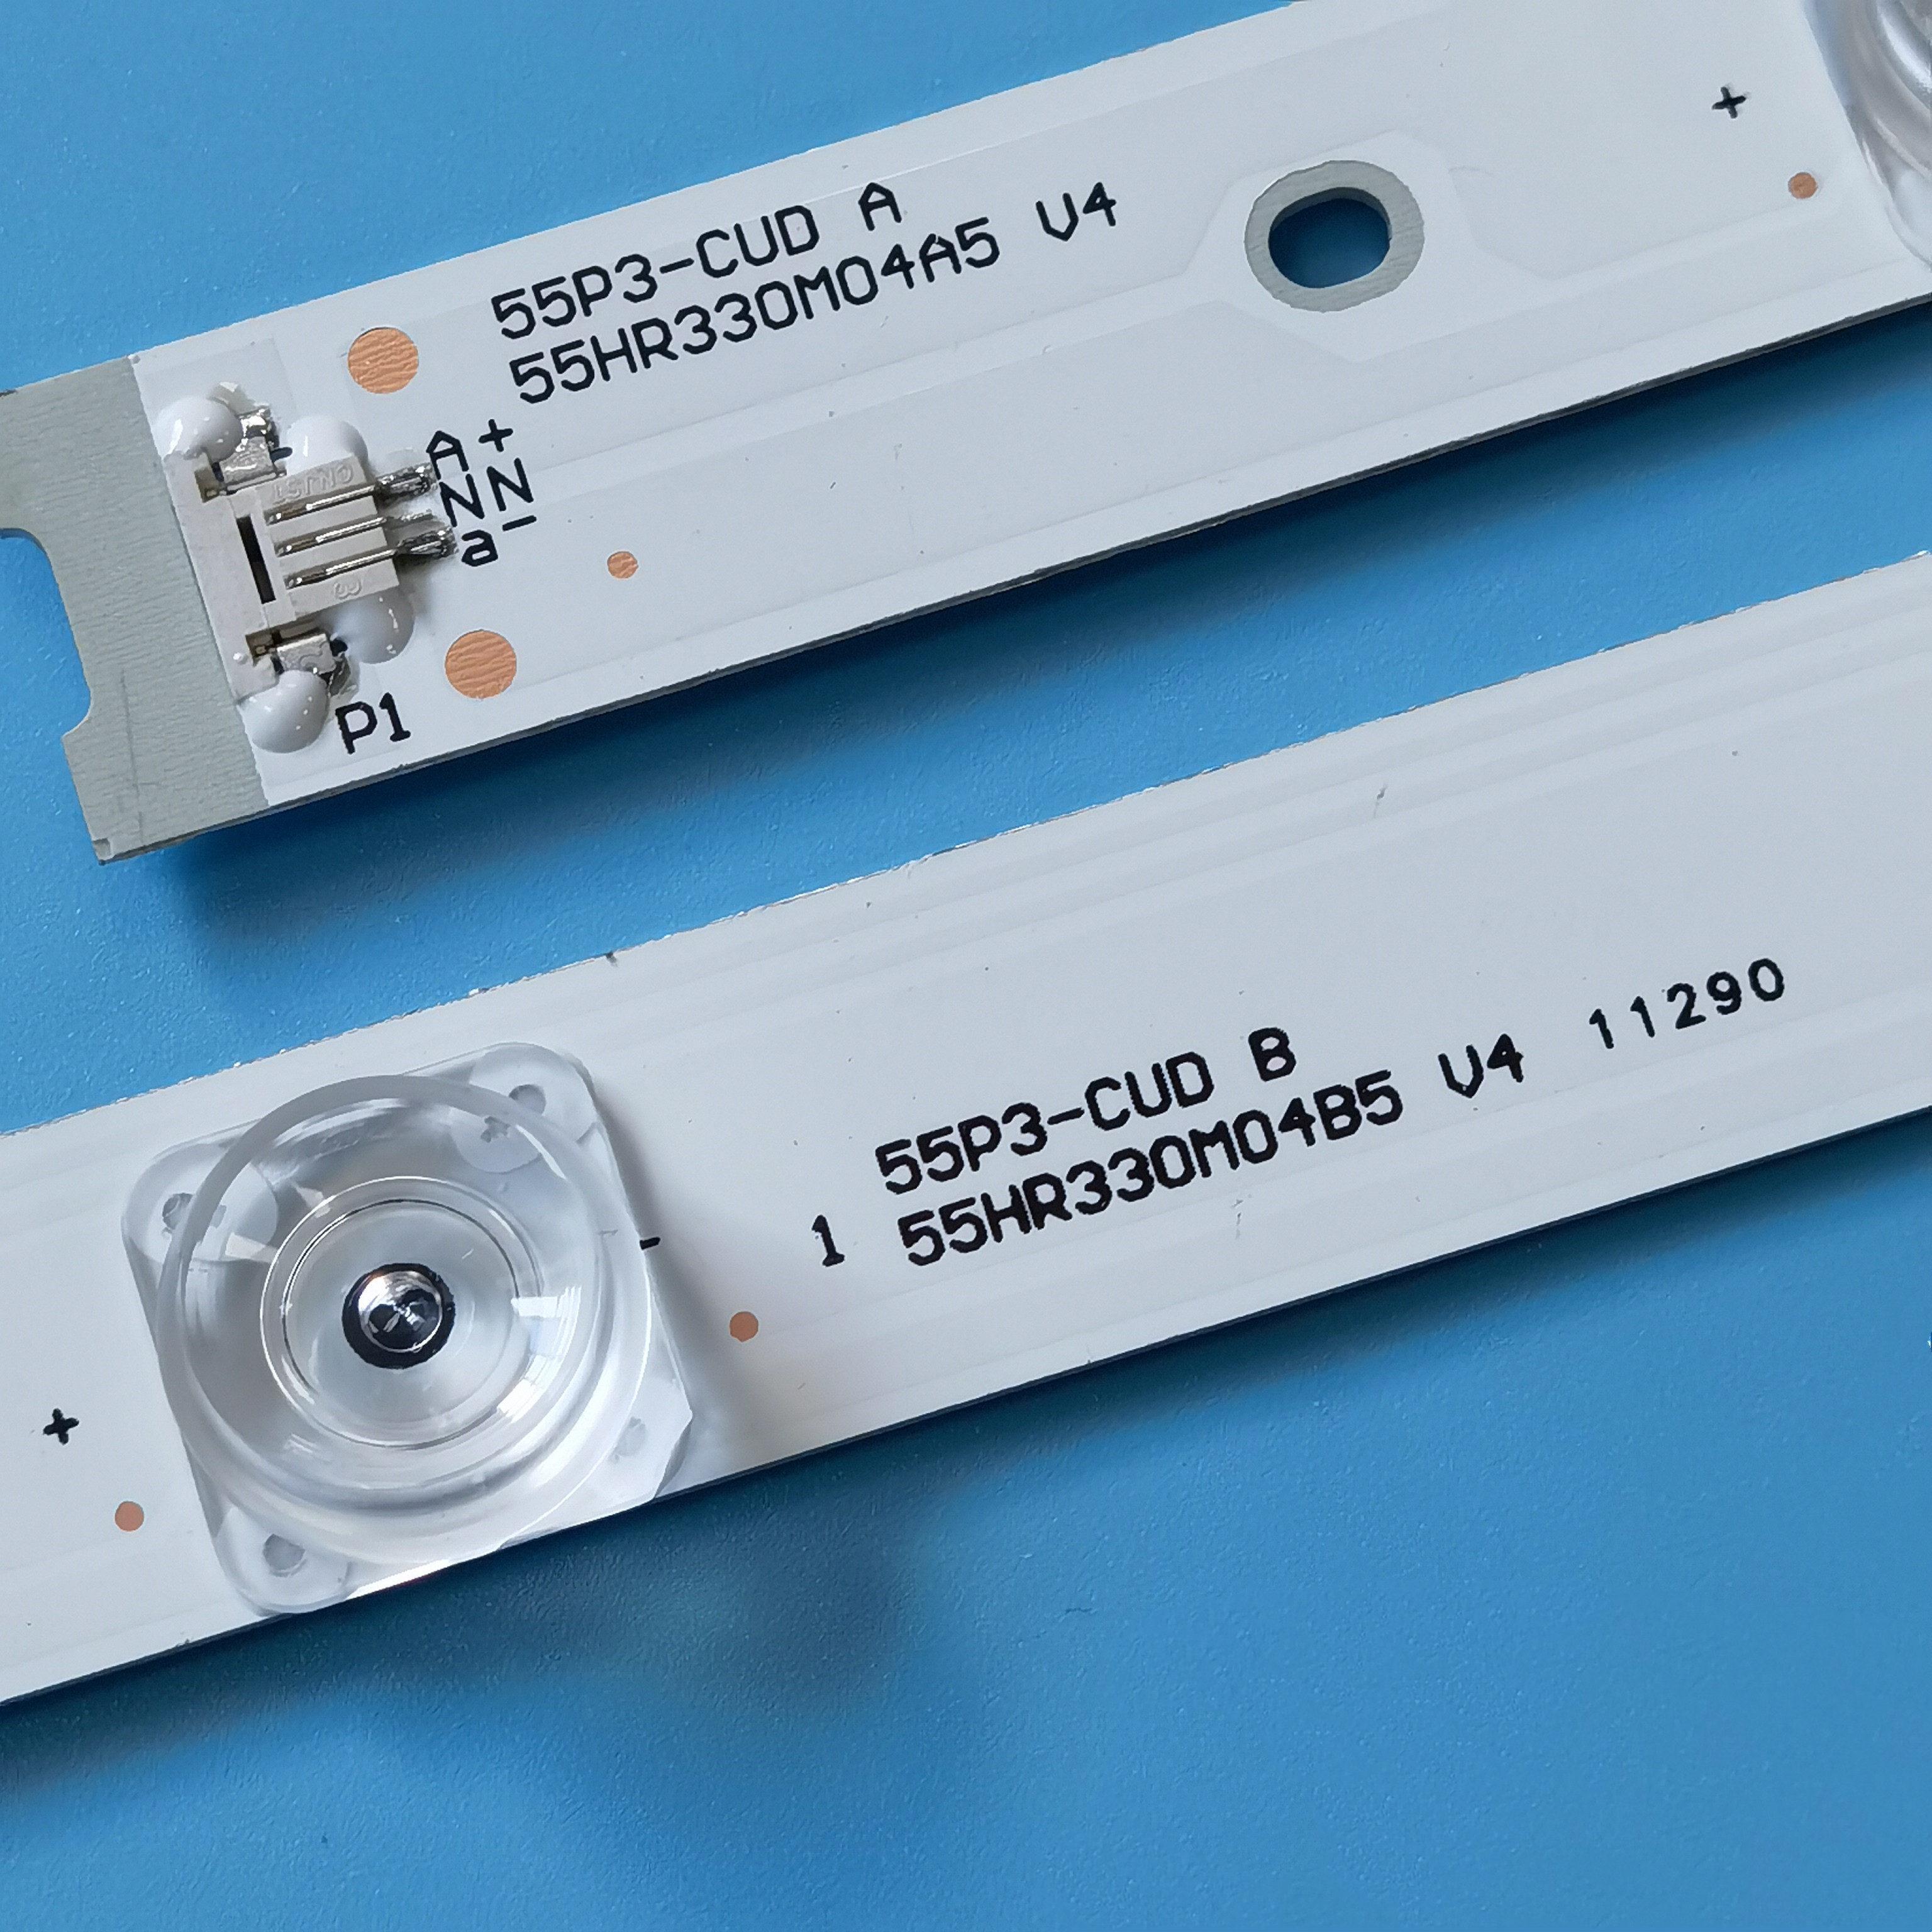 20SET=180PCS led backlight for TCL 55A950C 55A880C 55N3 55P3F 55P3-CUD 55HR330M04A5 4C-LB5504-HR15J 4C-LB5504-HR16 enlarge